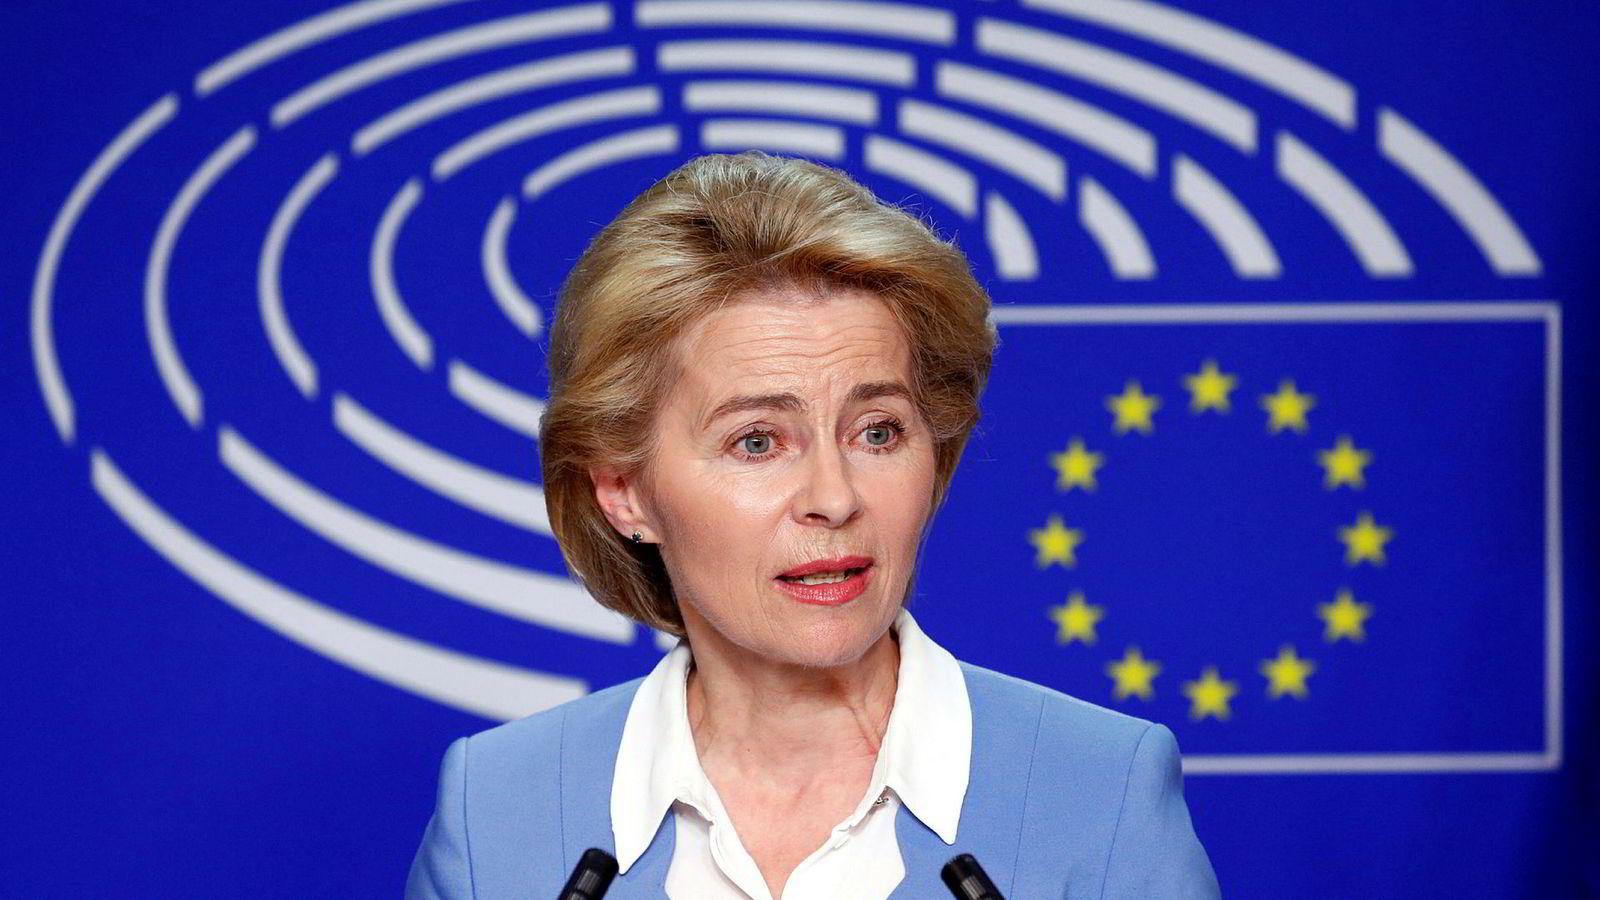 Tyske Ursula von der Leyen (60) kan bli første kvinnelige president i EU-kommisjonen.